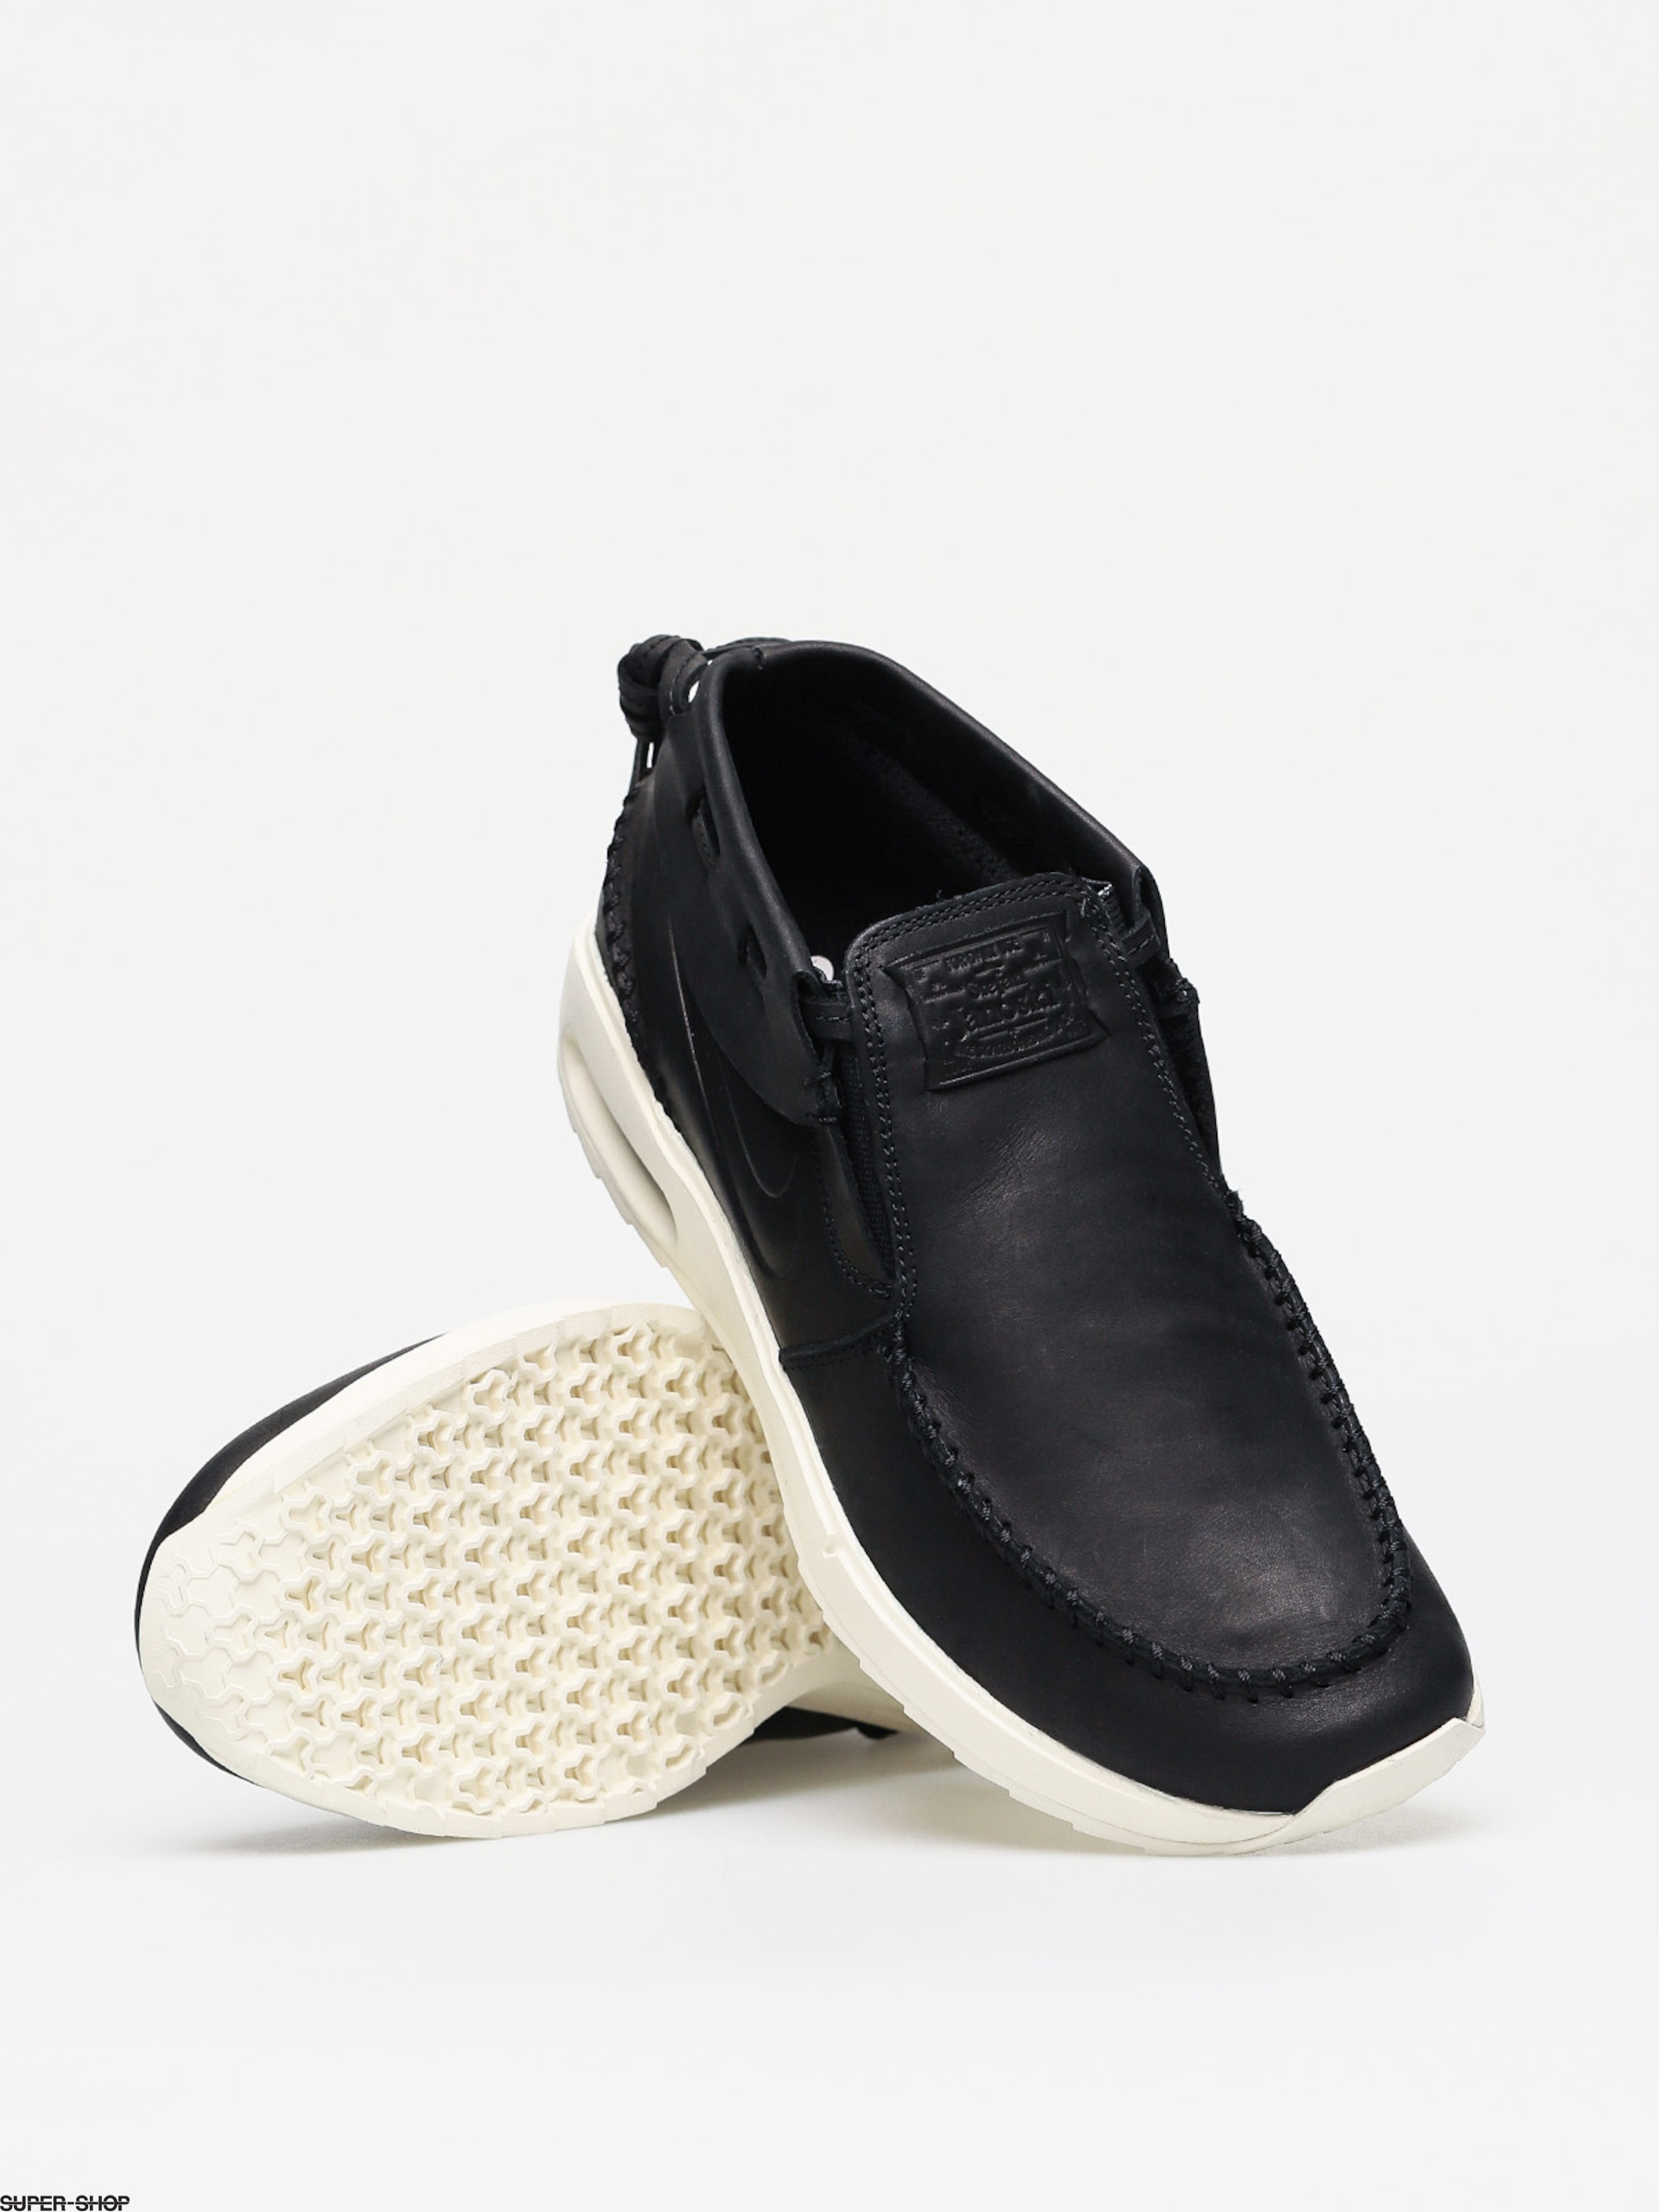 Nike SB Air Max Stefan Janoski 2 Moc Shoes (black/black pale ivory)